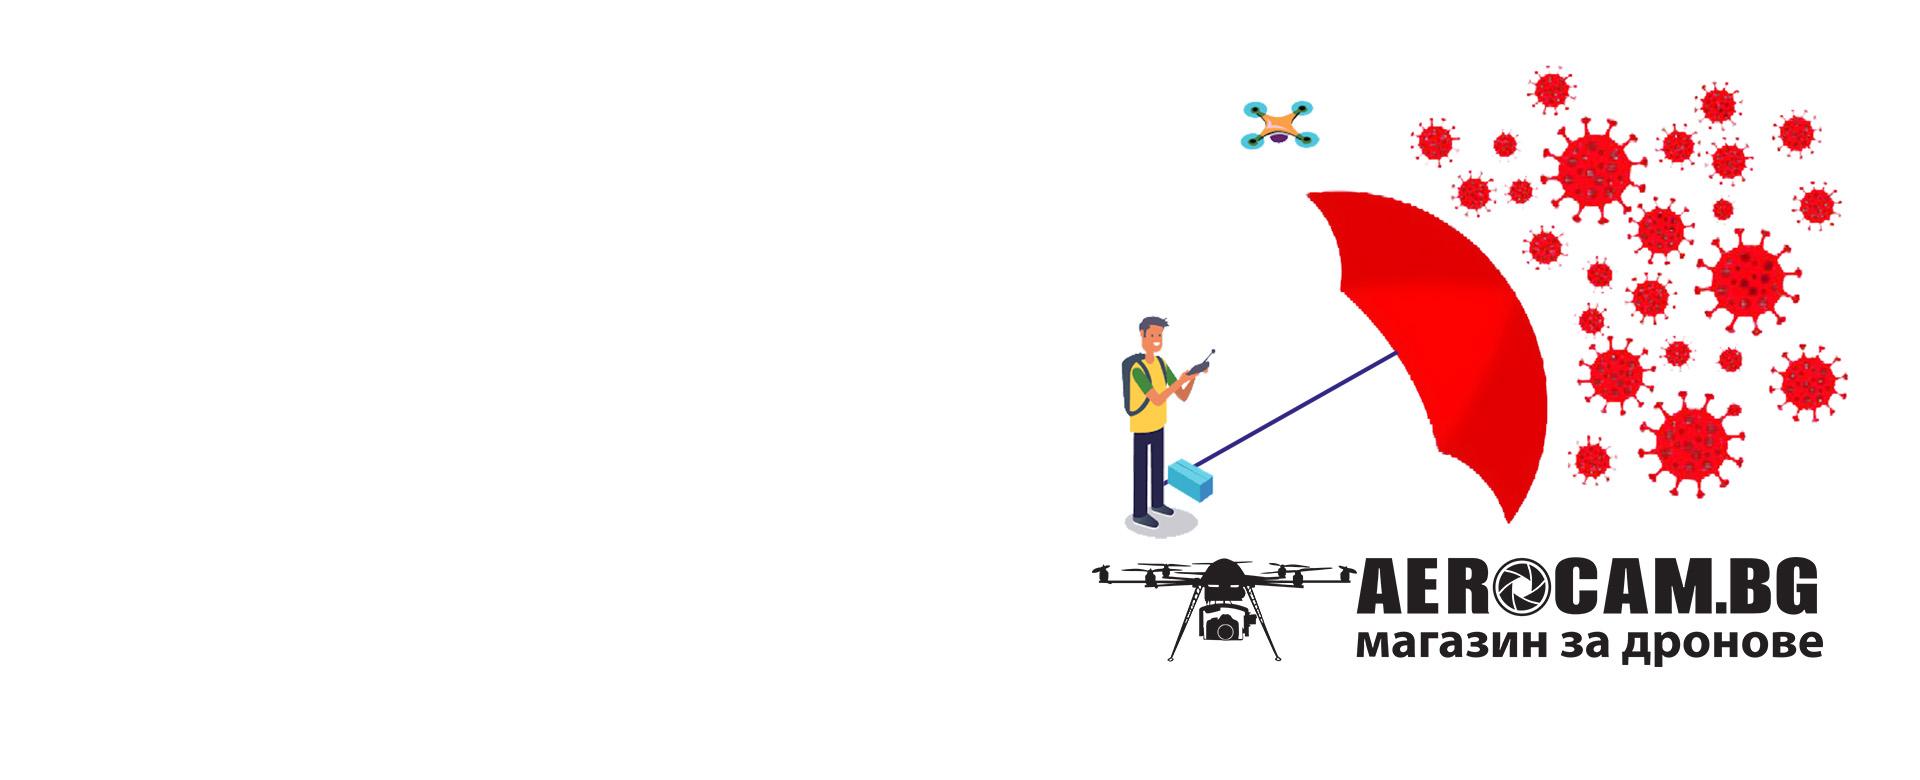 Aerocam ще работи Online по време на кризисната ситуация